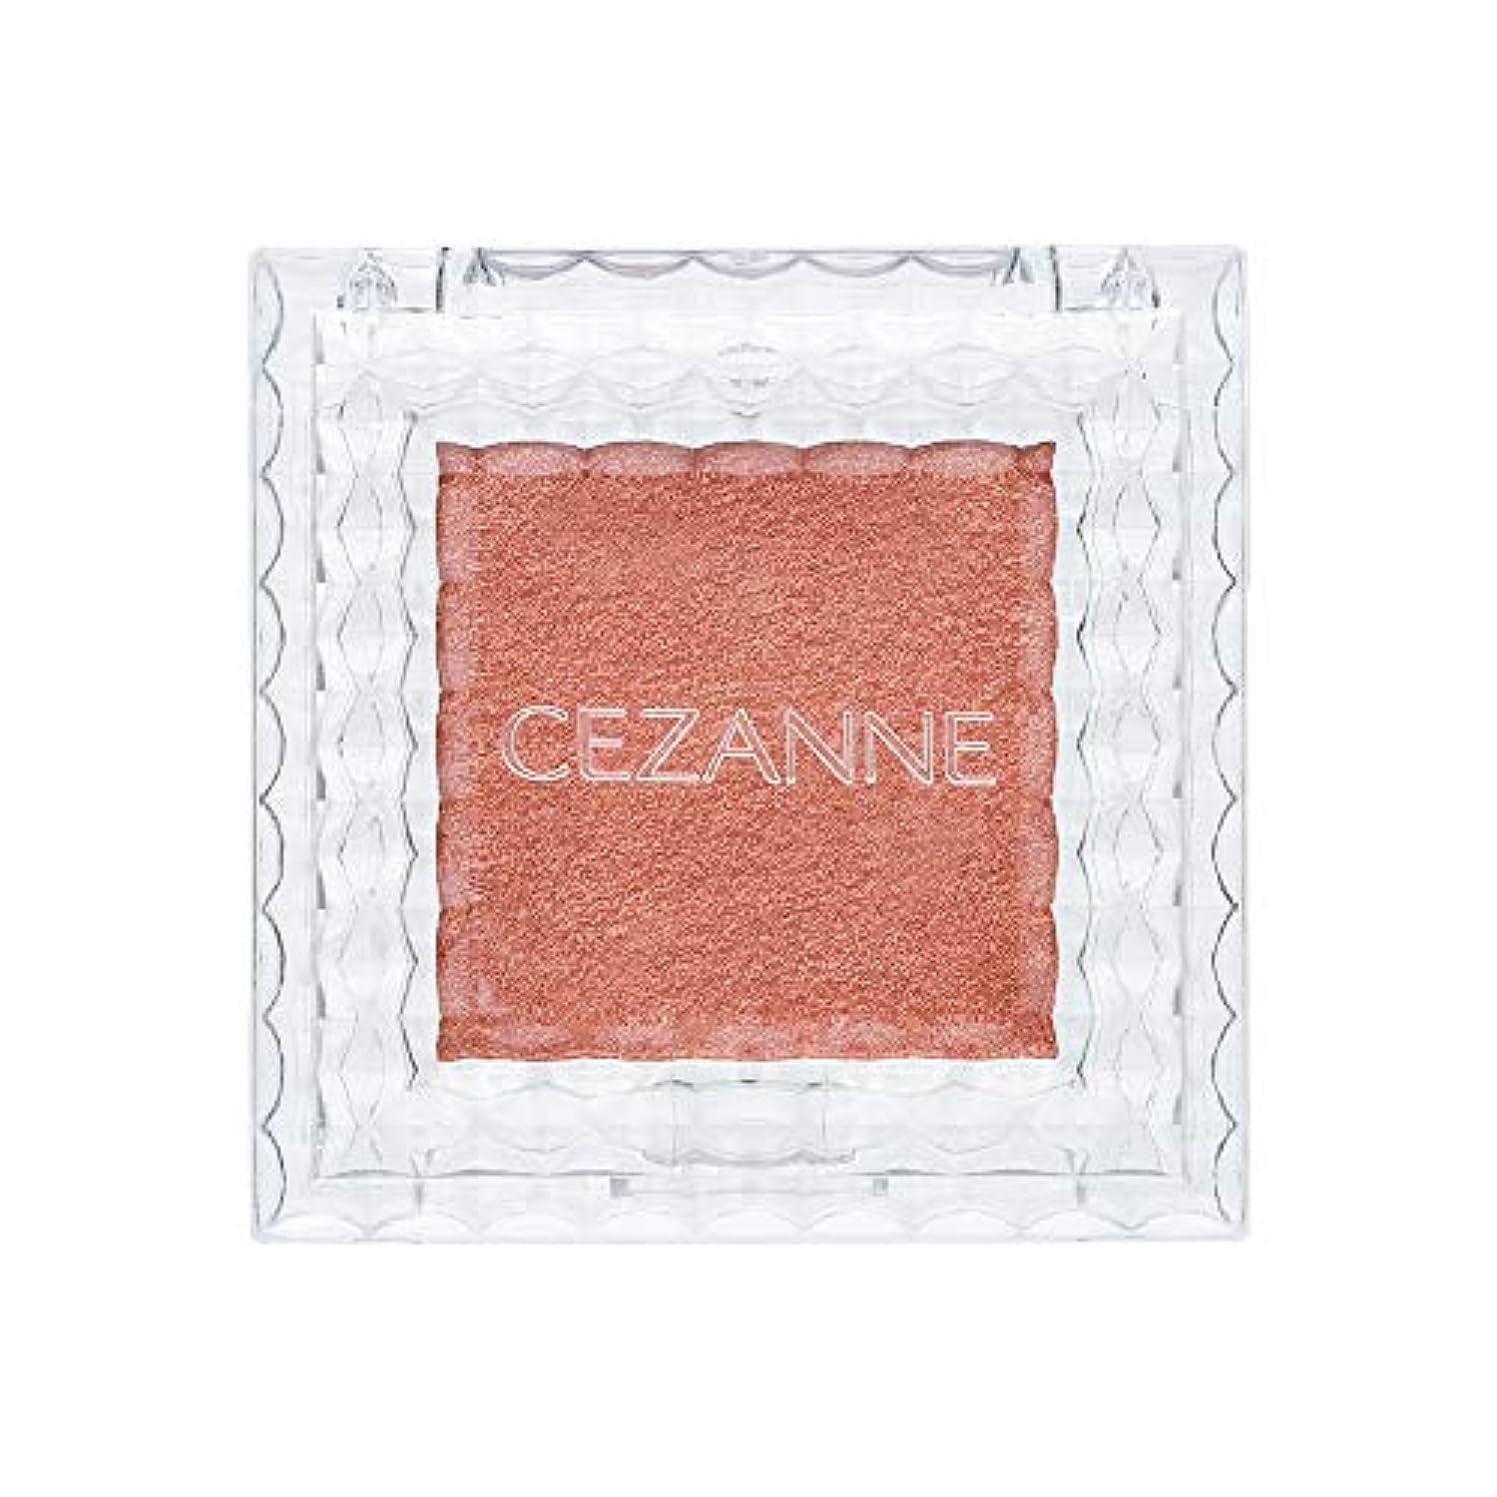 モスマイク矛盾するセザンヌ シングルカラーアイシャドウ 06 オレンジブラウン 1.0g